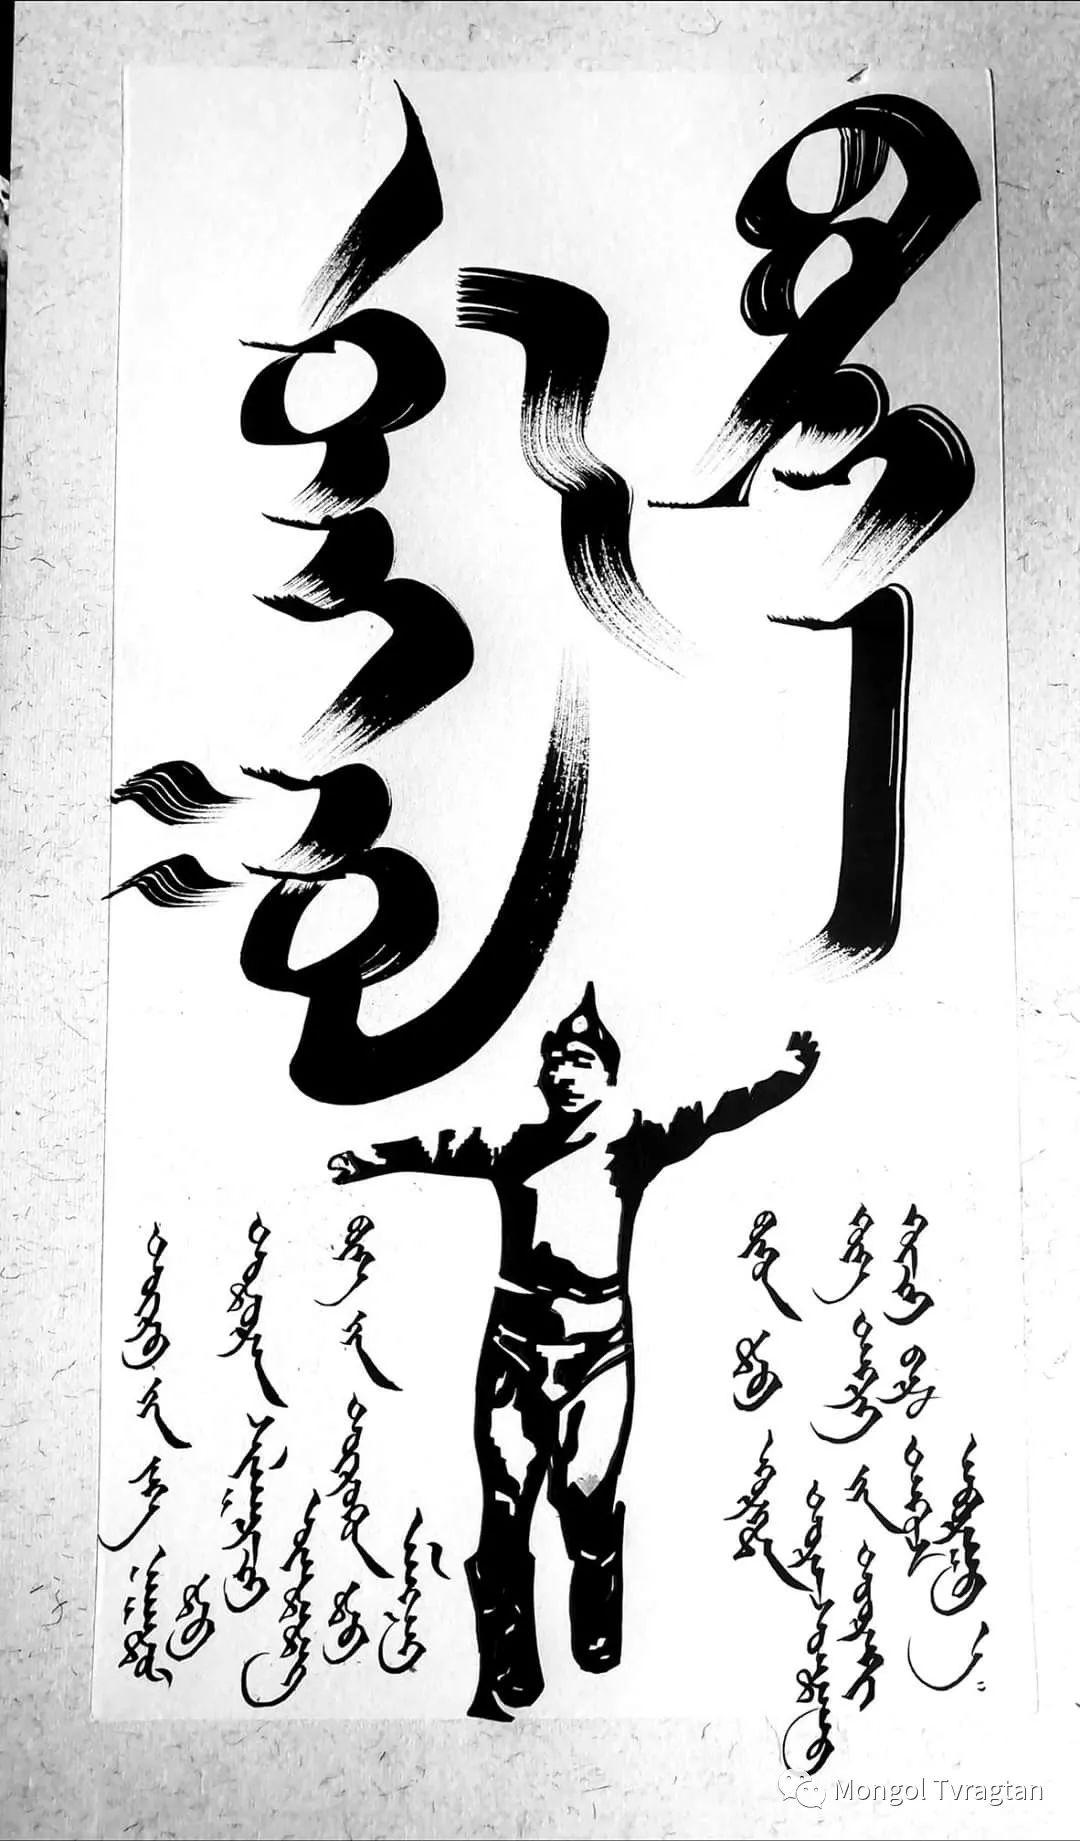 蒙古文书法ᠣᠷᠠᠨ ᠪᠢᠴᠢᠯᠭᠡ- 2 第4张